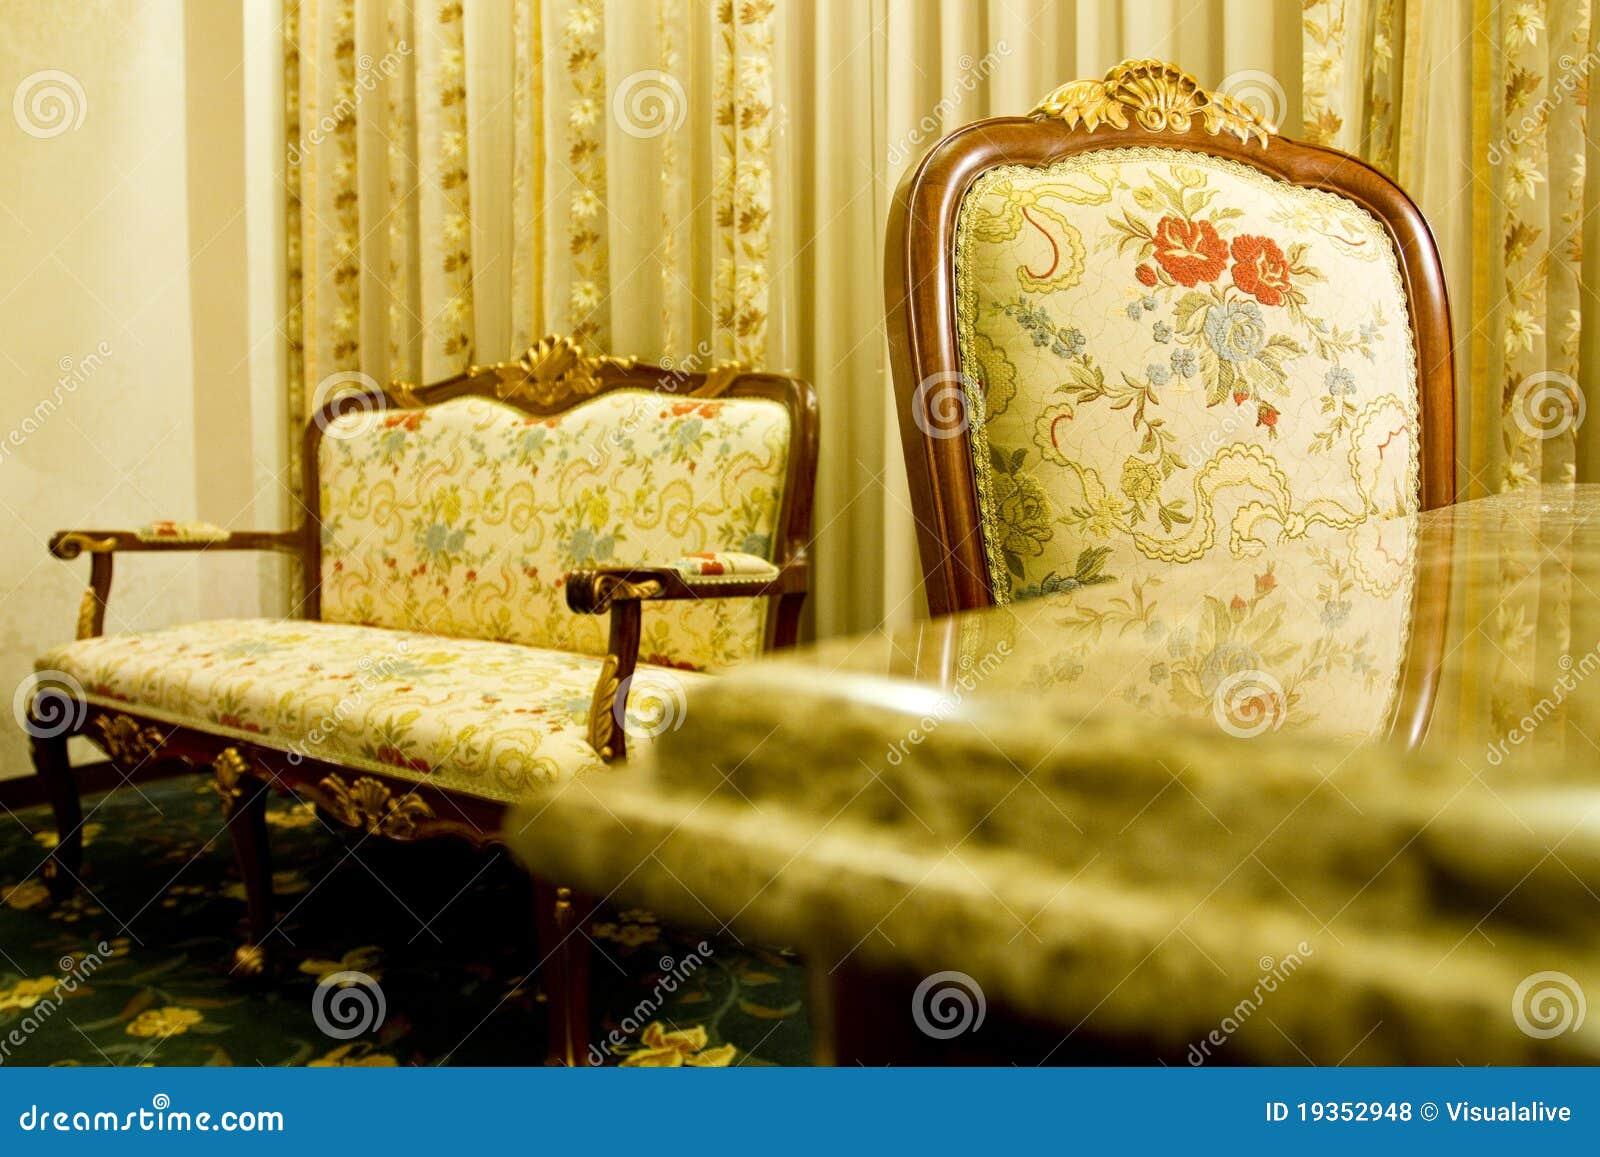 Cadeira no interior